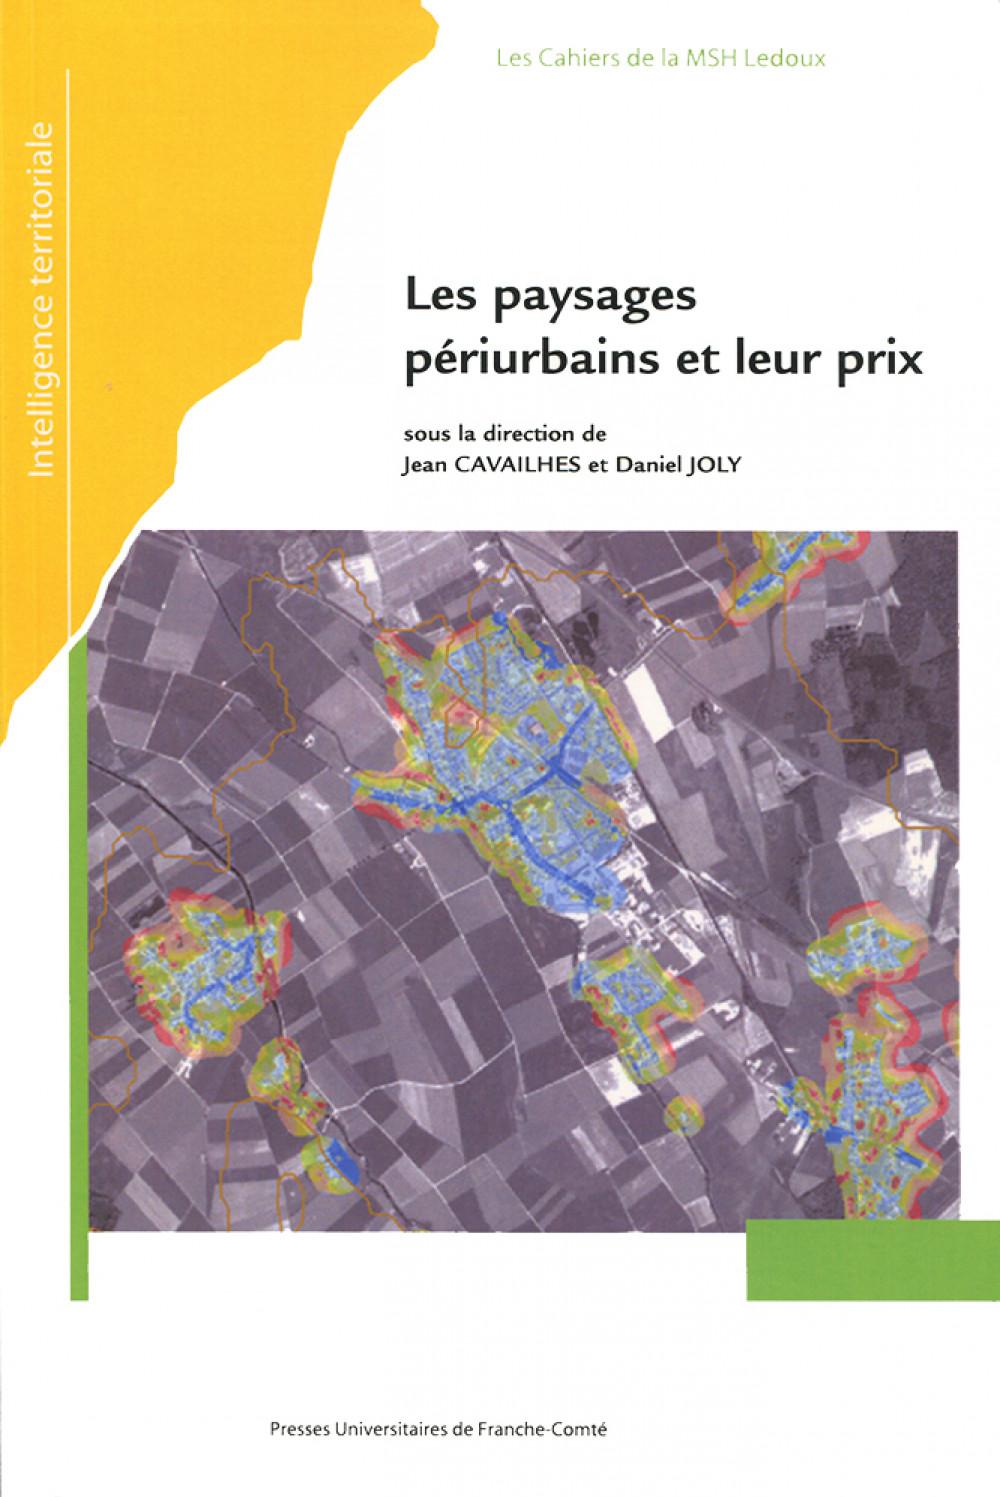 Les paysages périurbains et leur prix